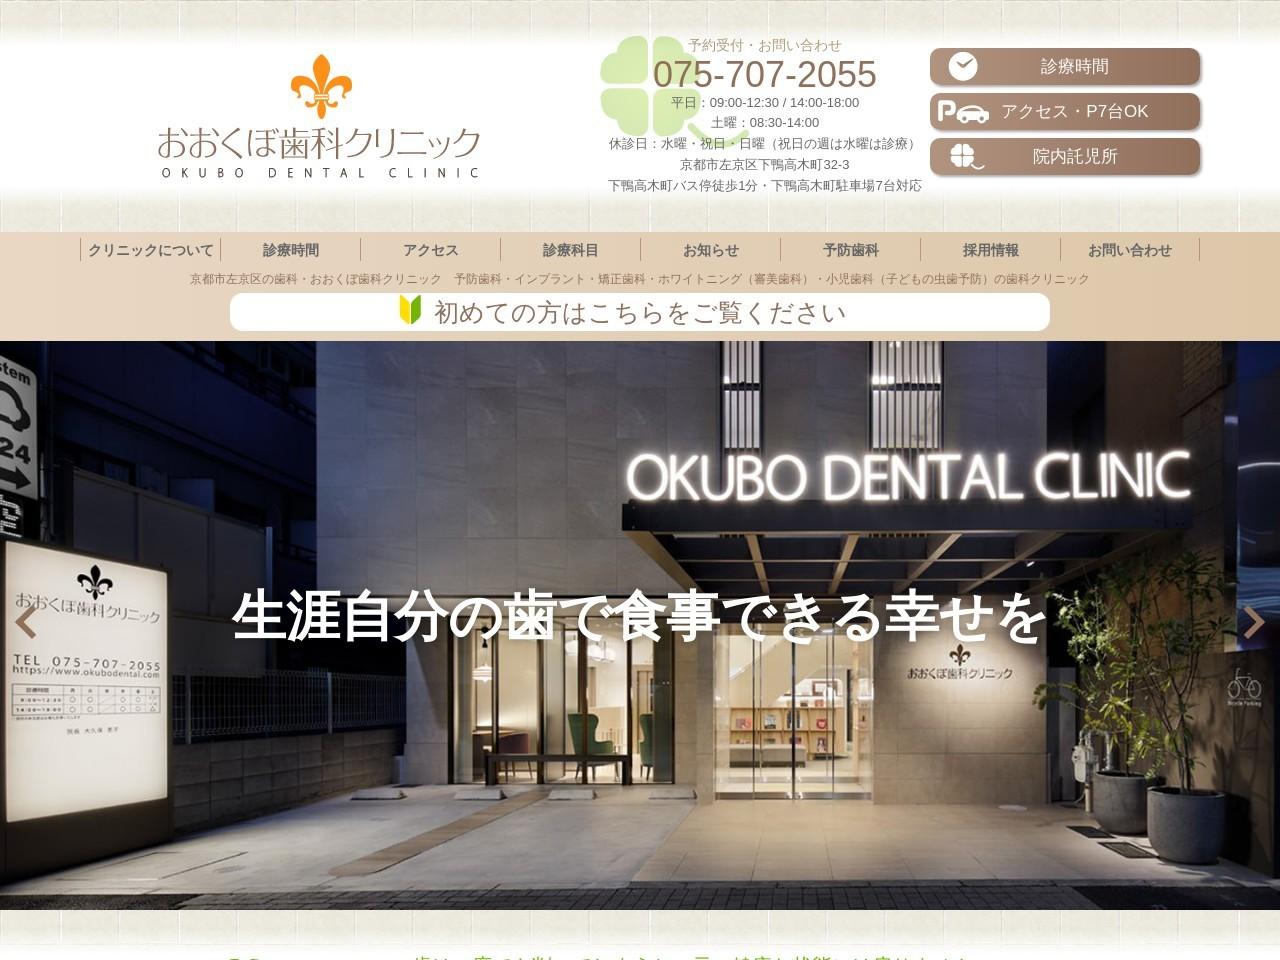 医療法人すみれ  おおくぼ歯科クリニック (京都府京都市左京区)